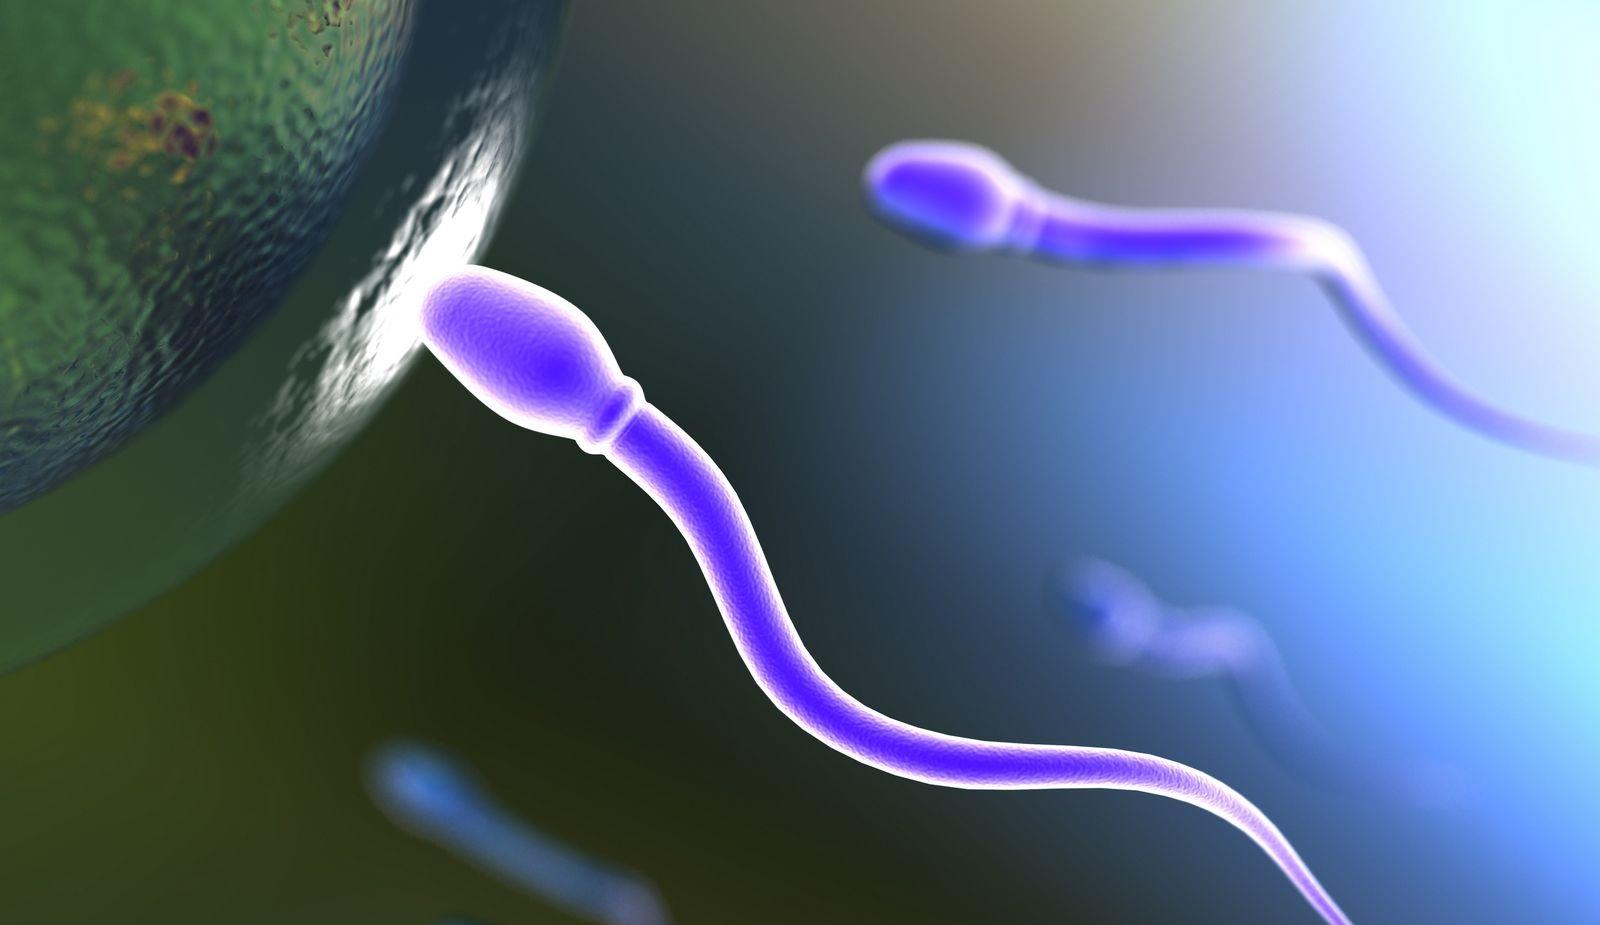 Donación de óvulos, un bien para todas las mujeres